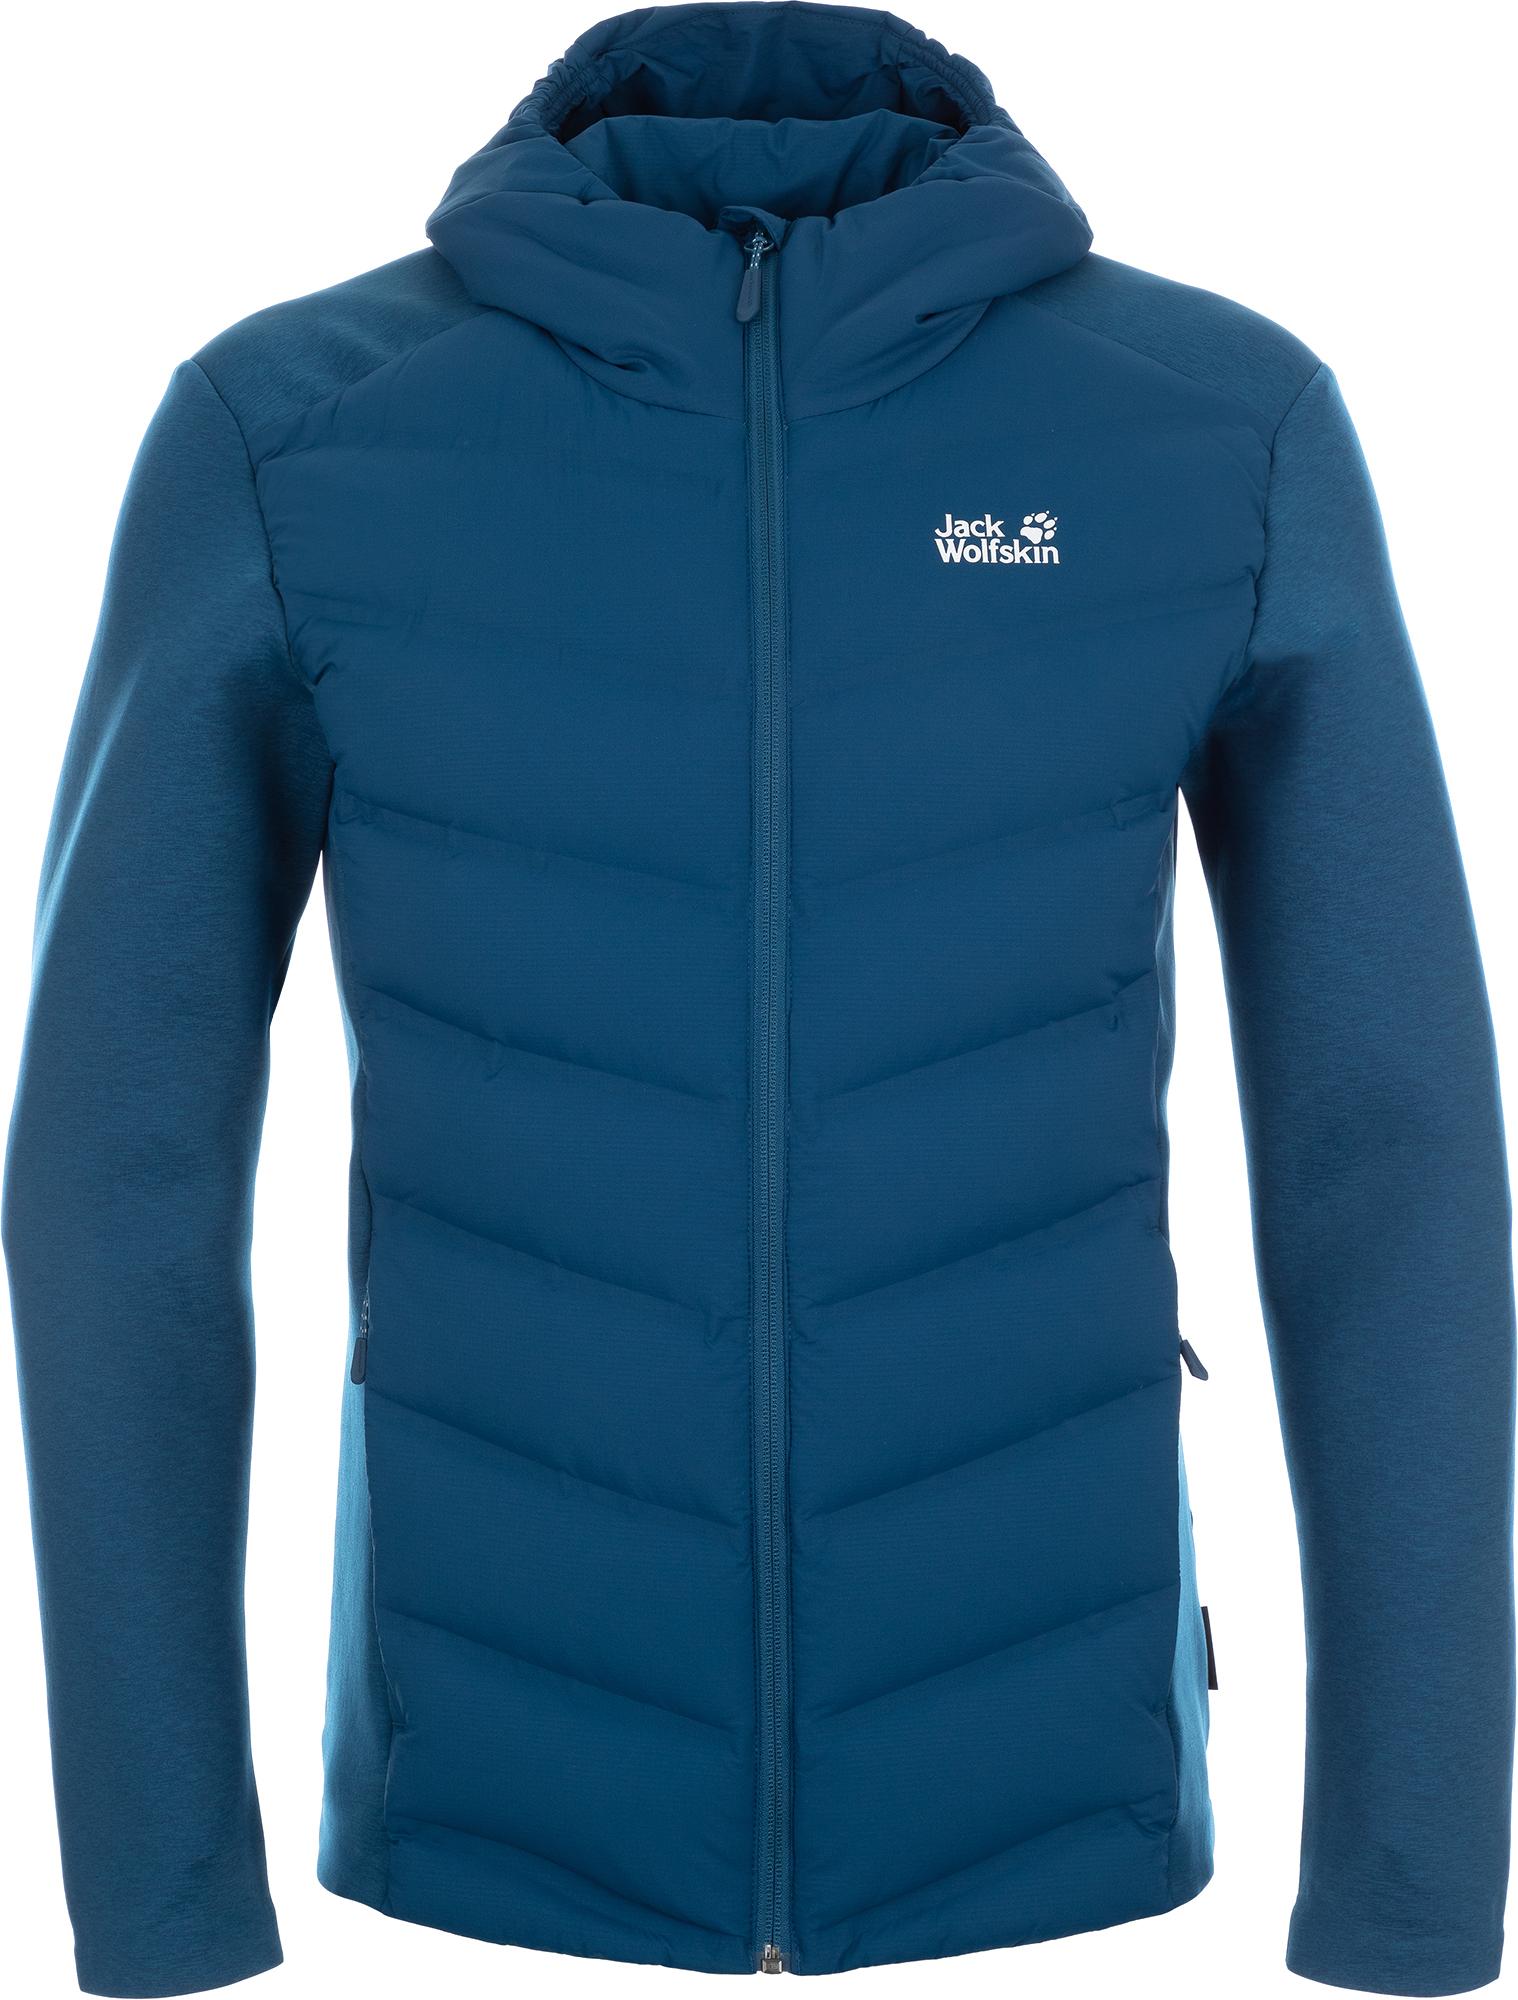 лучшая цена Jack Wolfskin Куртка пуховая мужская JACK WOLFSKIN Tasman, размер 54-56